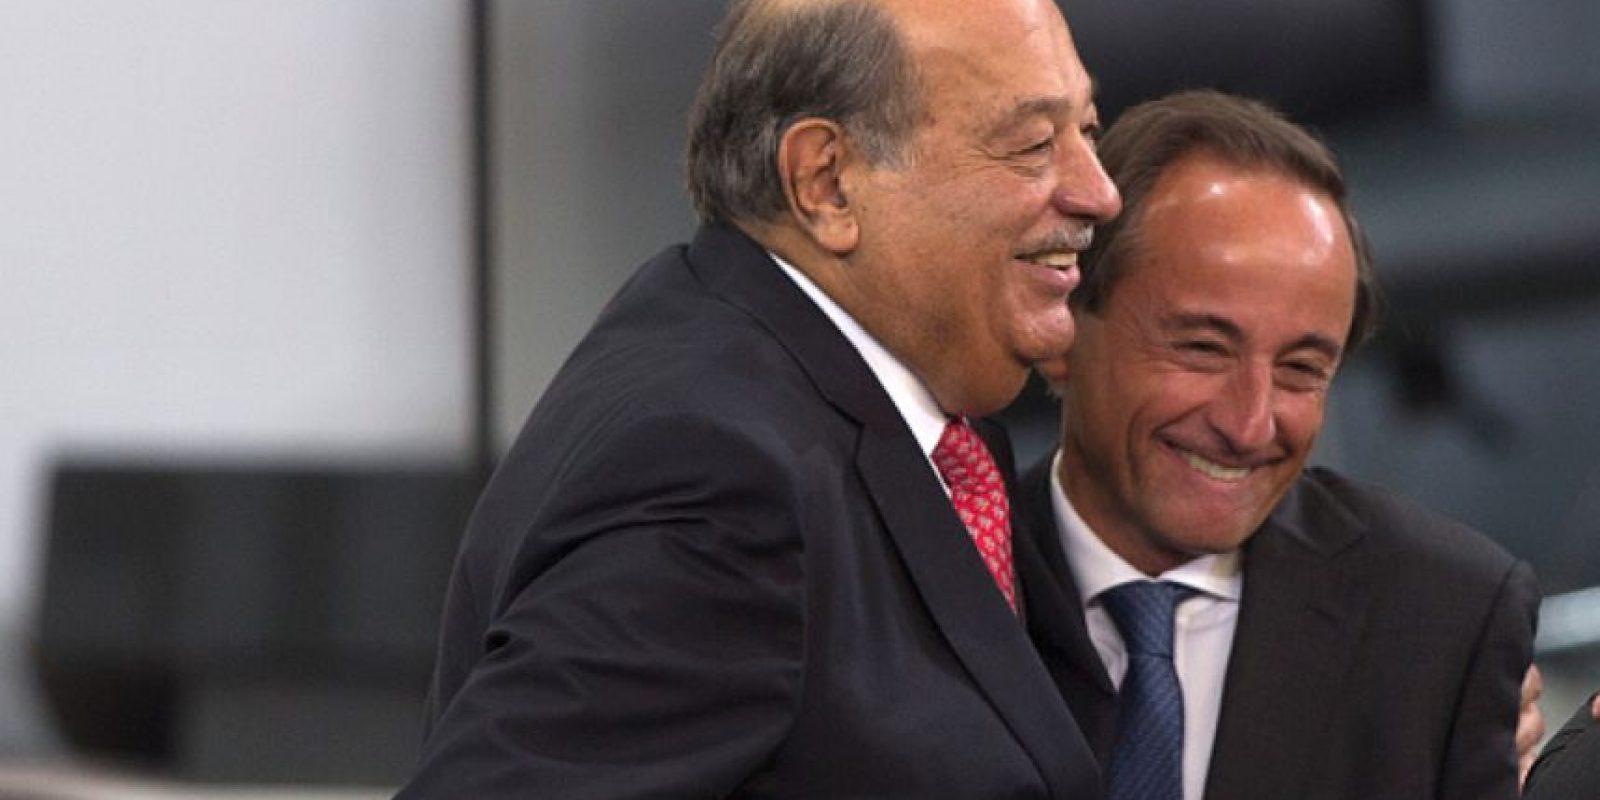 La propuesta viene de Carlos Slim, el segundo hombre más rico del mundo. Foto:vía Getty Images